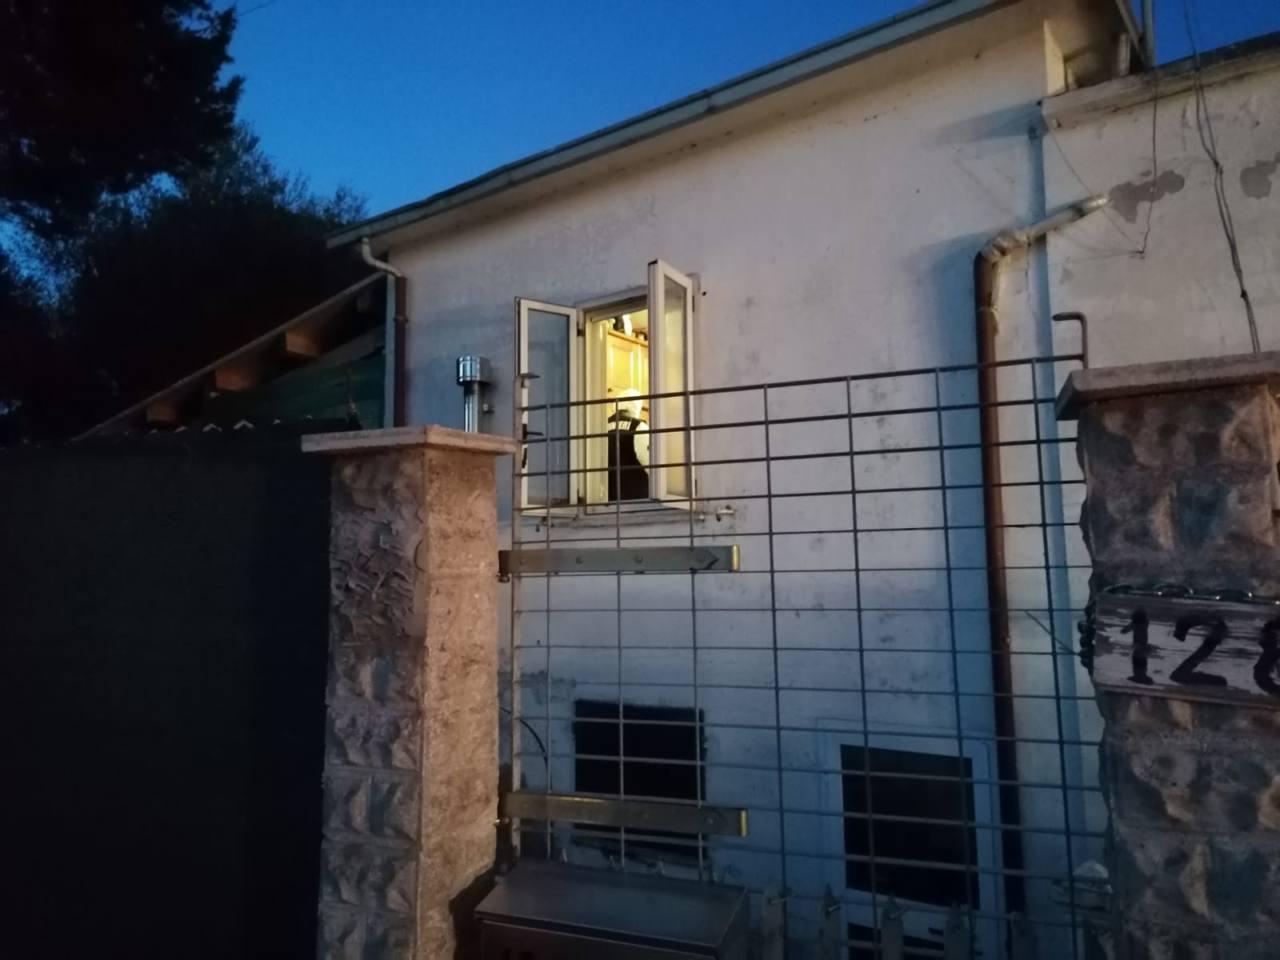 La casa nella frazione Roncitelli a Senigallia, teatro dell'omicidio di Alfredo Pasquini